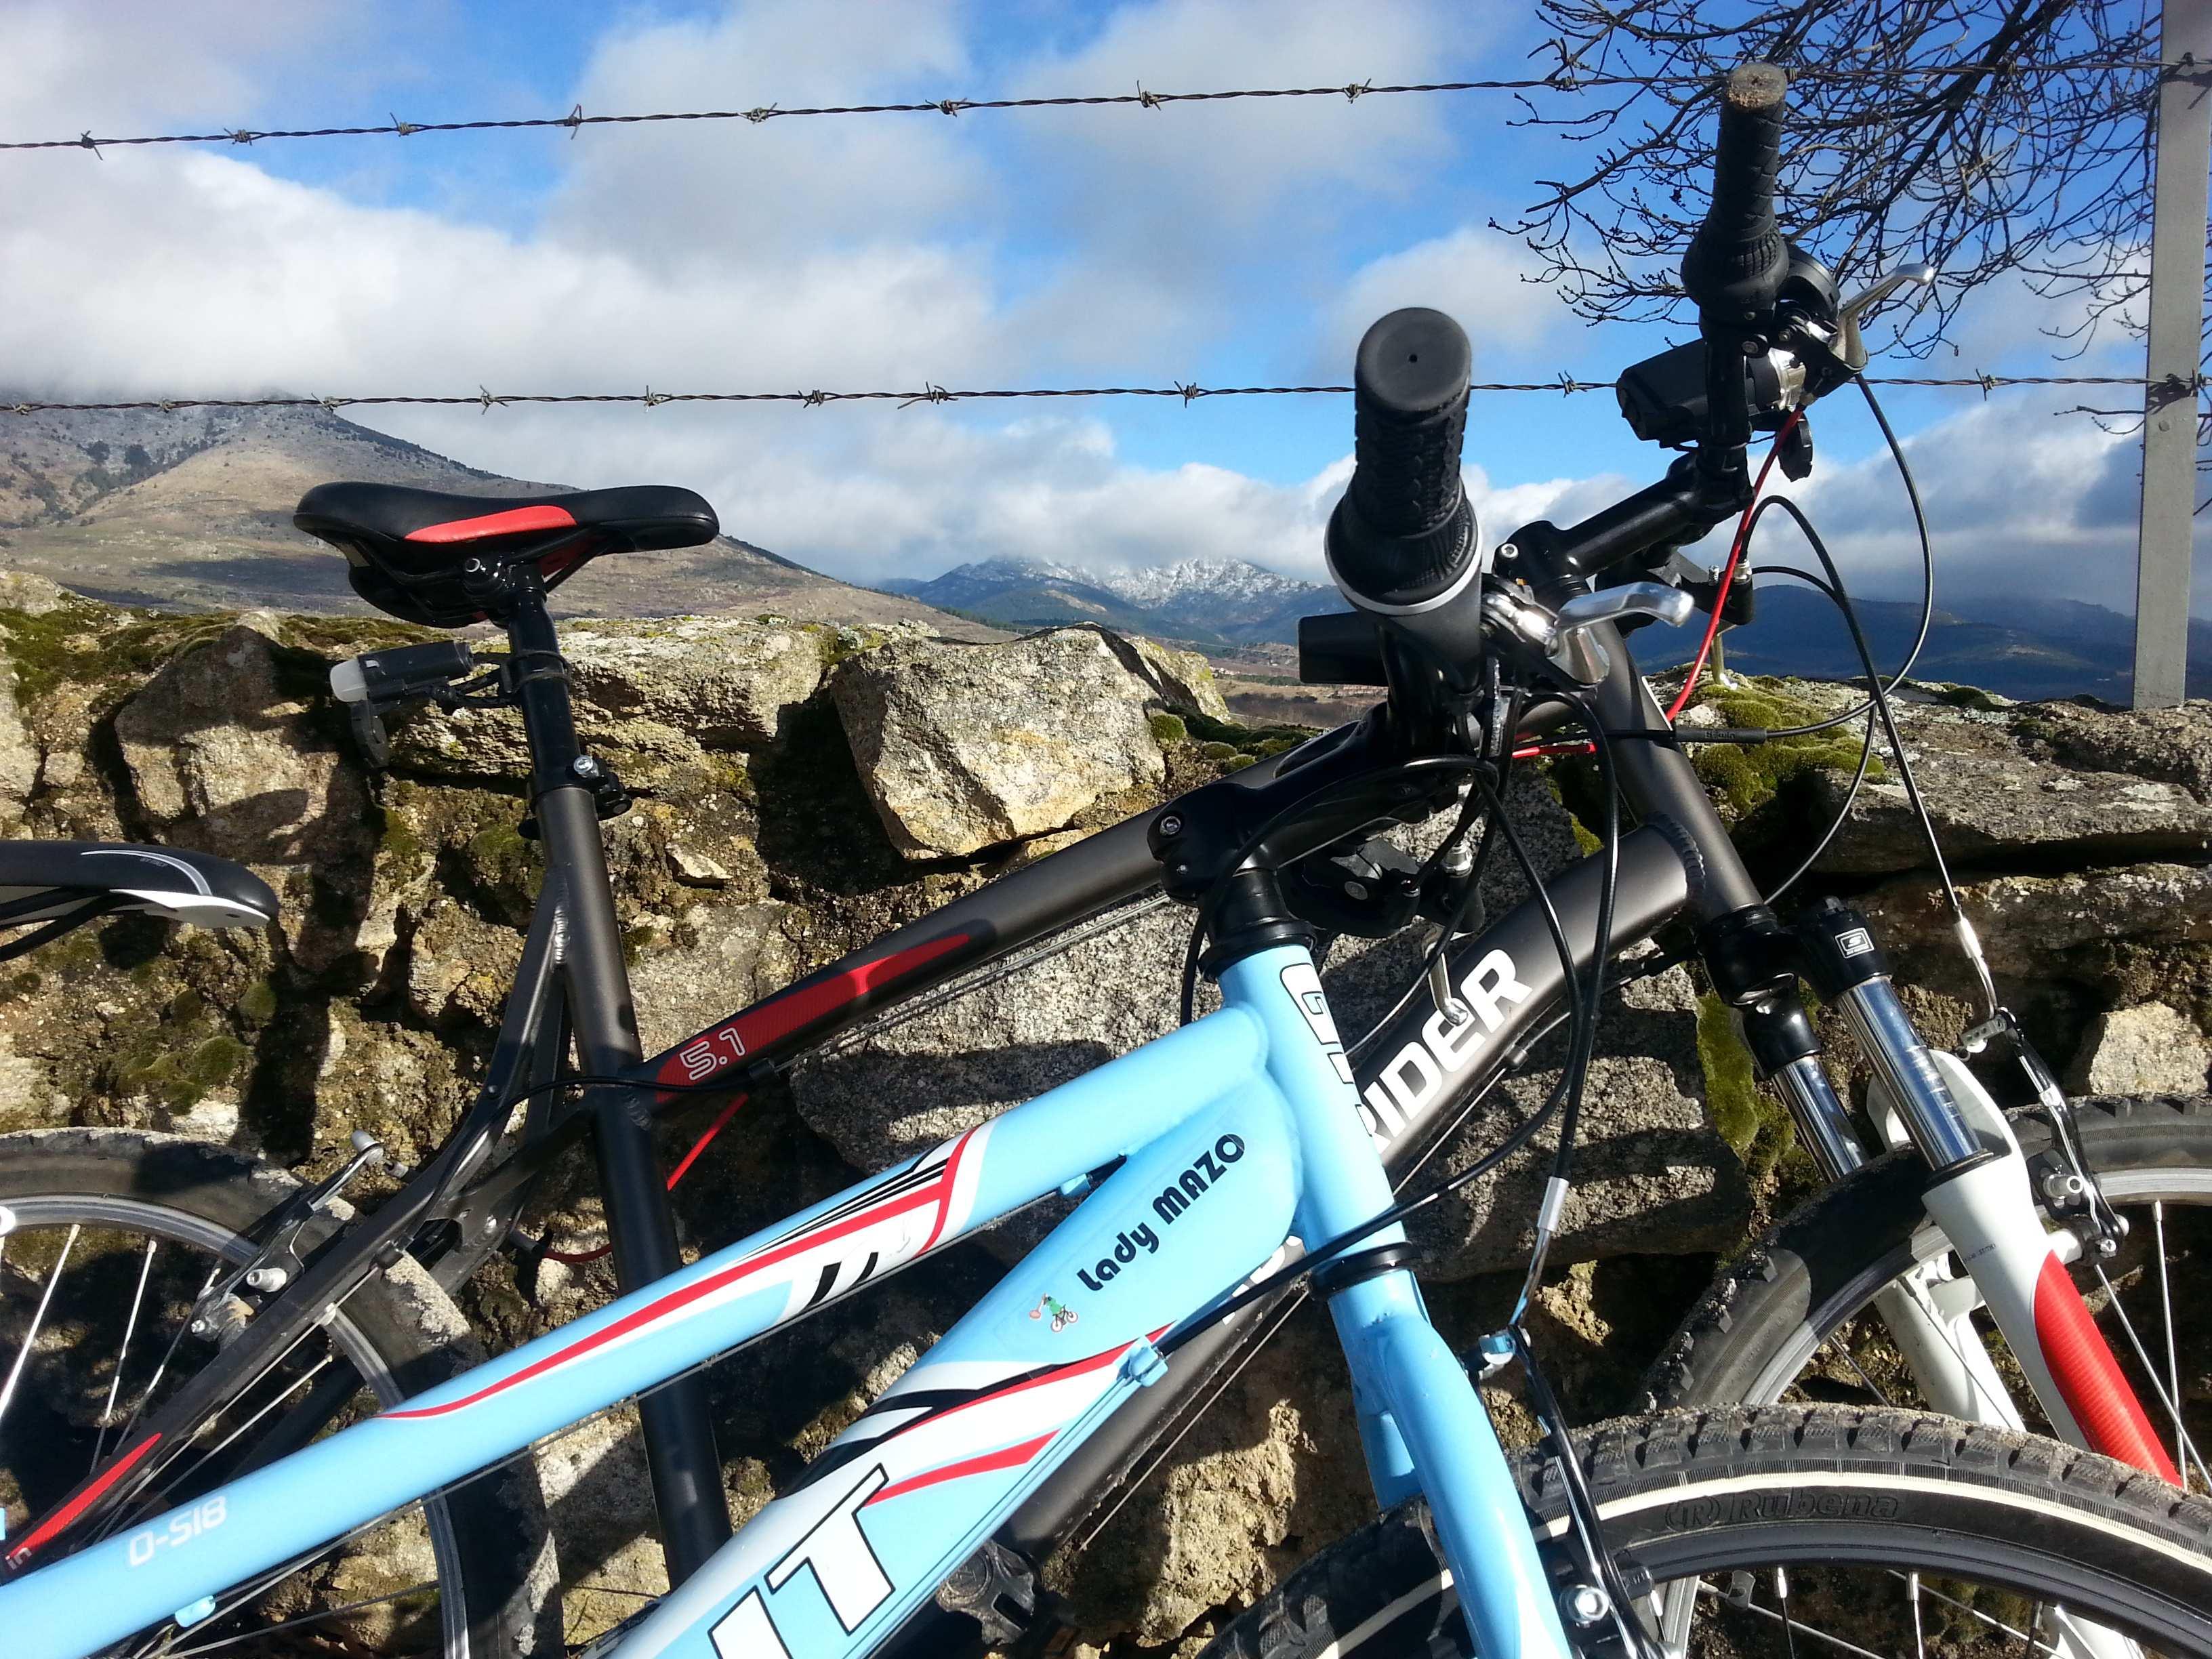 Pegatinas para personalizar la bicicleta - Pegatinas de pared baratas ...